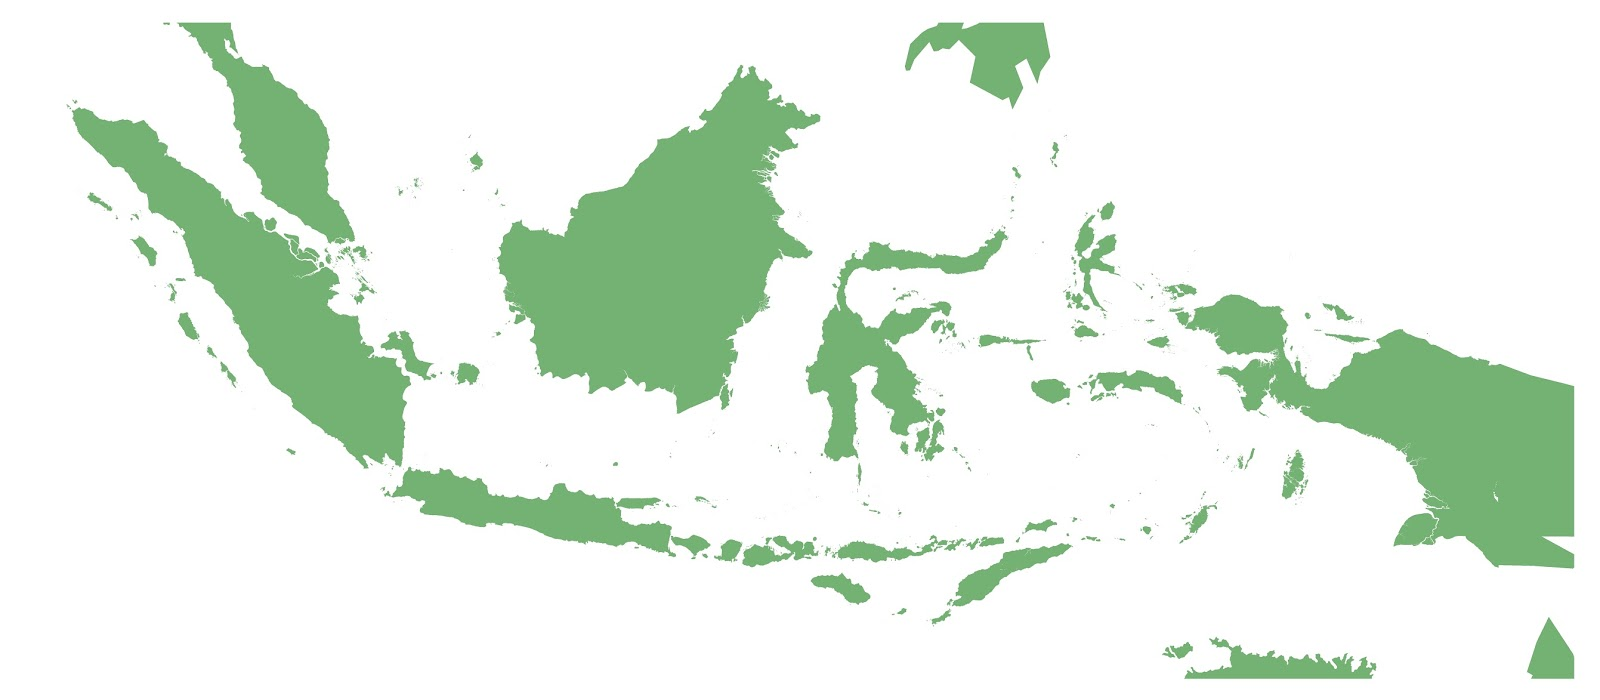 Download Peta Indonesia Resolusi Tinggi - Rahman Gambar